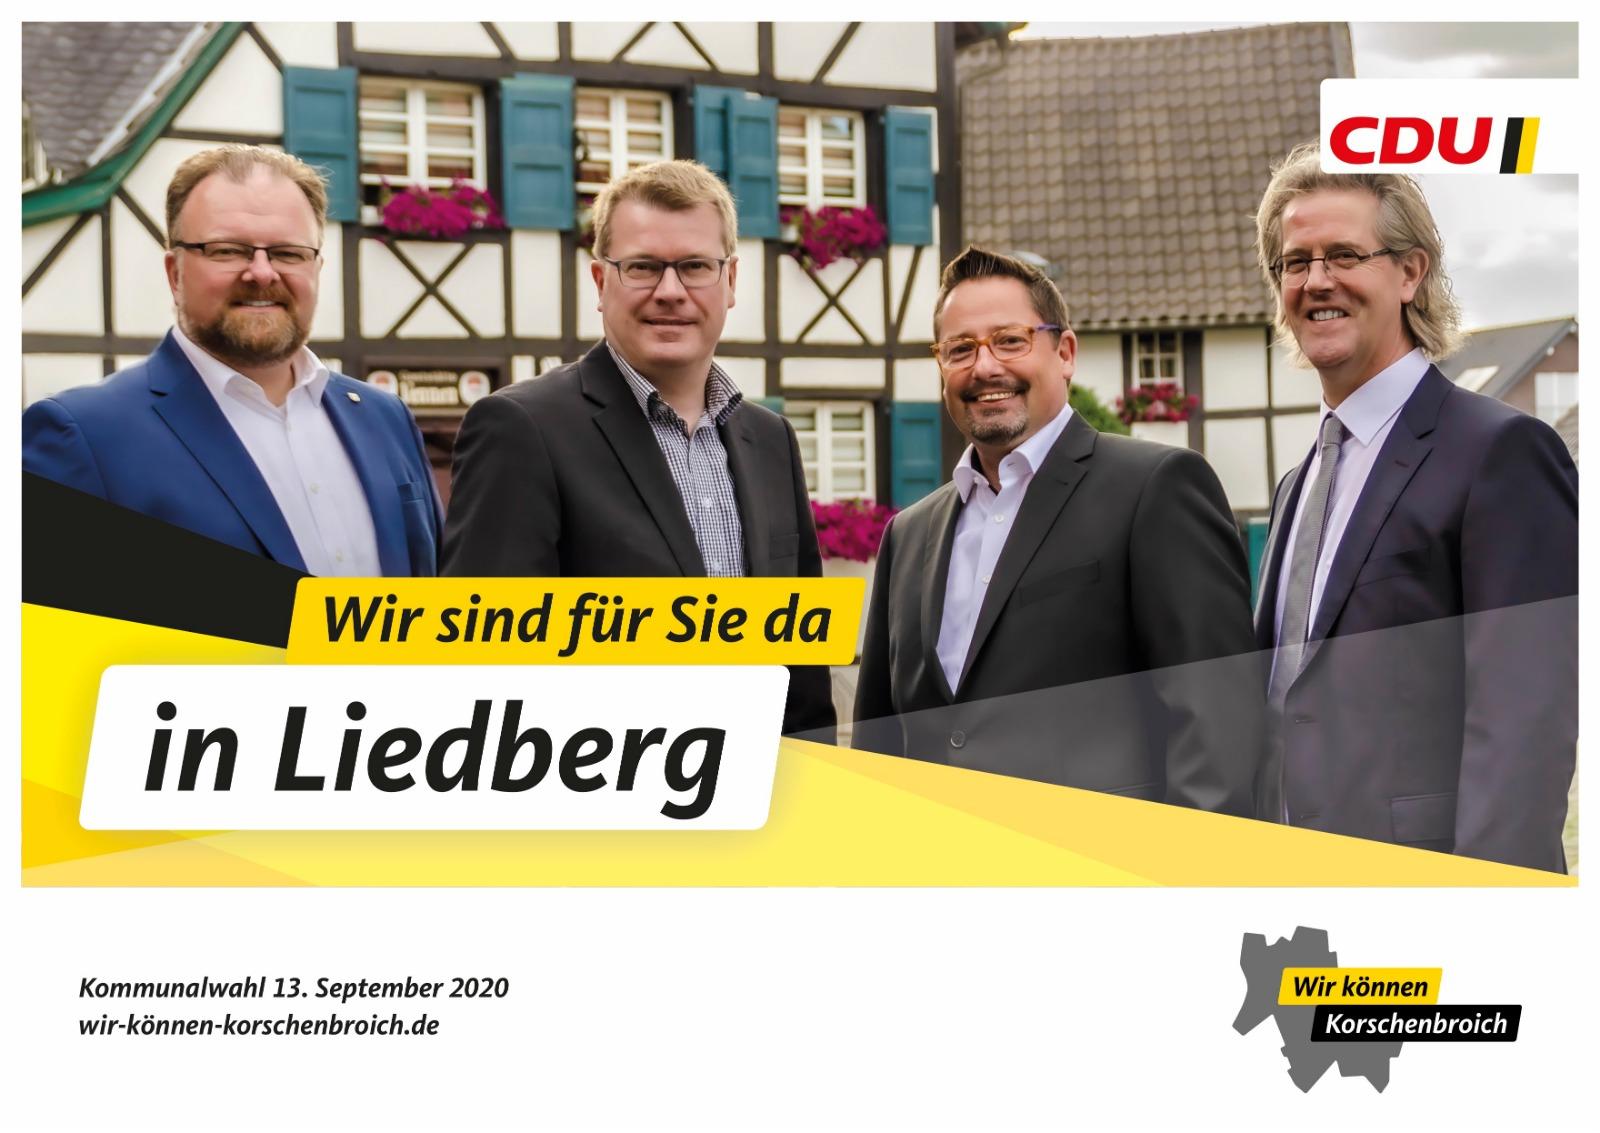 Wir sind für Sie da in Liedberg